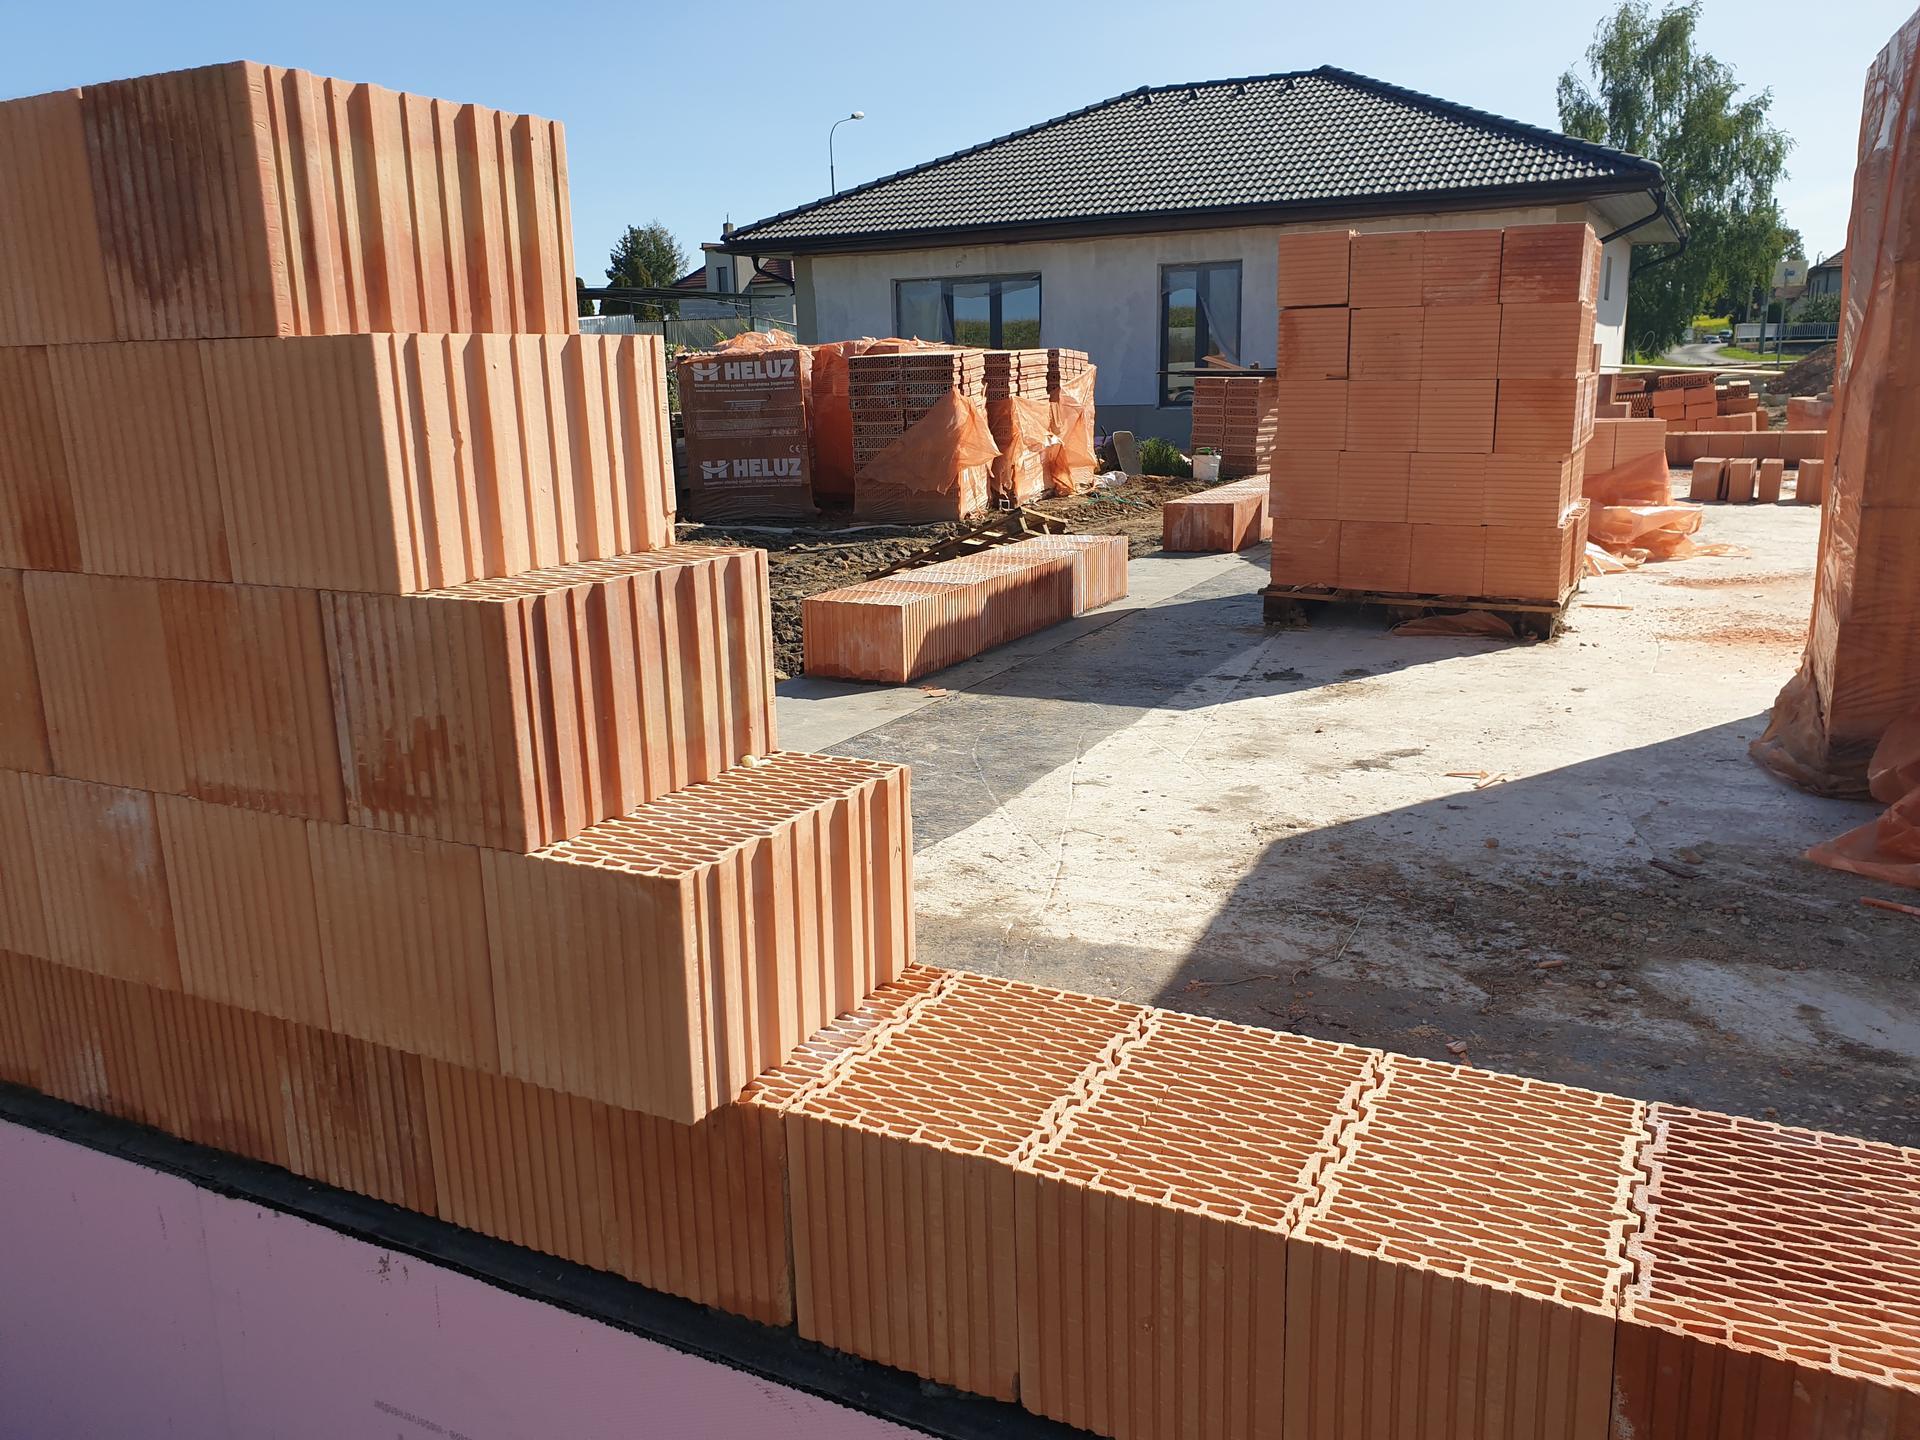 Stěhování na venkov - stavba - Obrázek č. 5